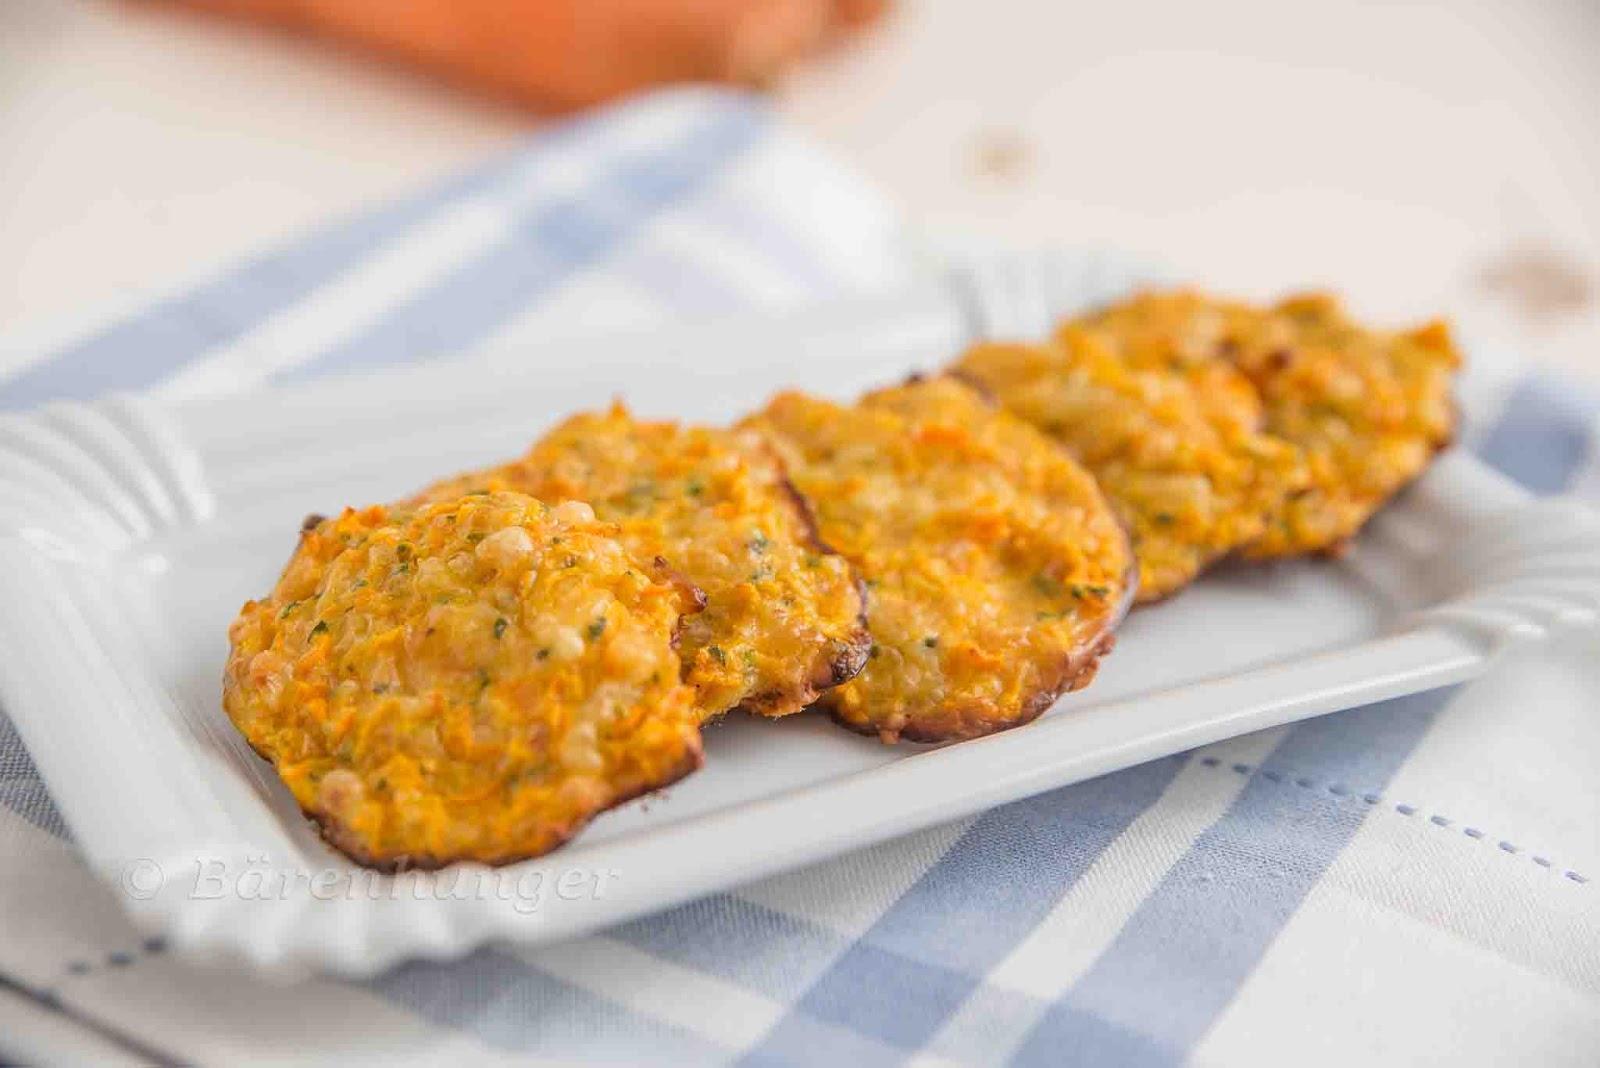 Karotten Käse Taler | Bärenhunger